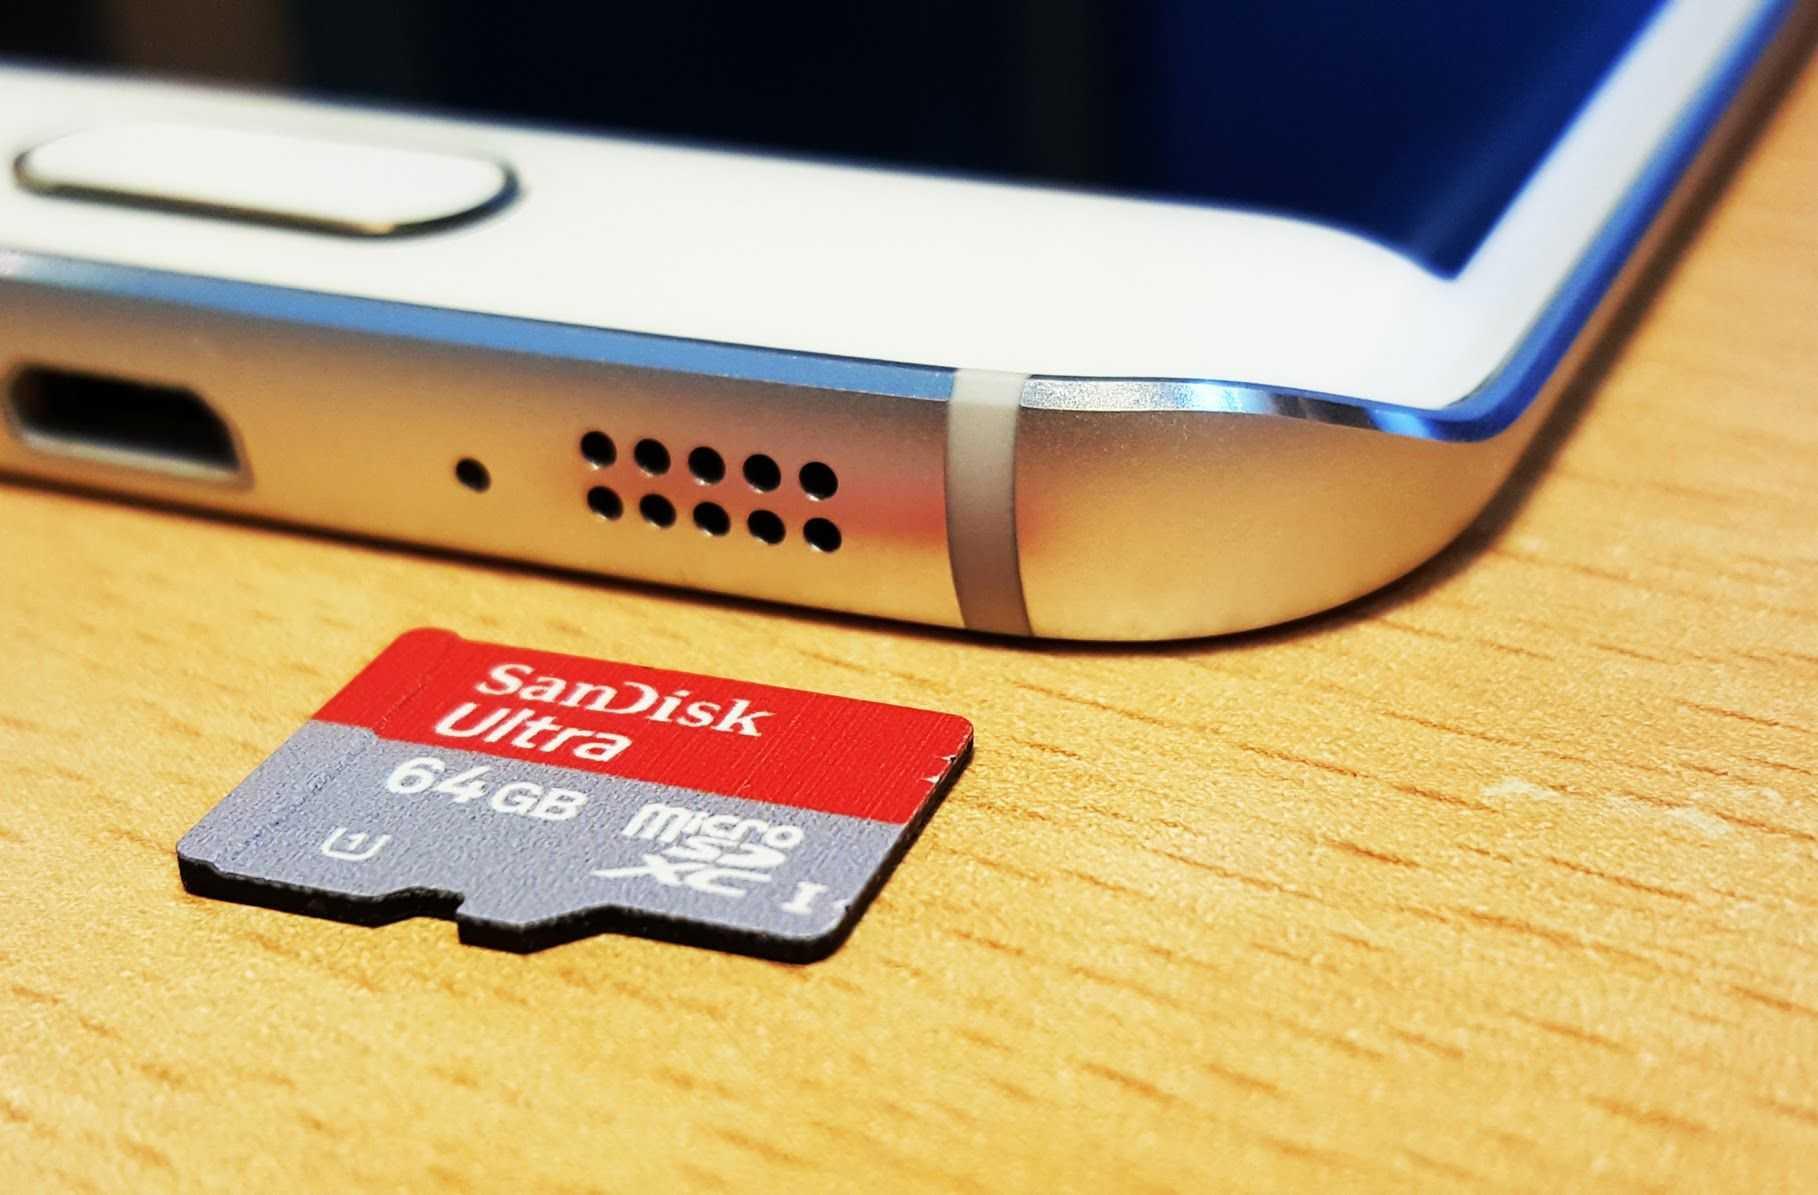 Samsung начинает массовое производство 16 гб оперативной памяти lpddr5 второго поколения для смартфонов будущего премиум-класса